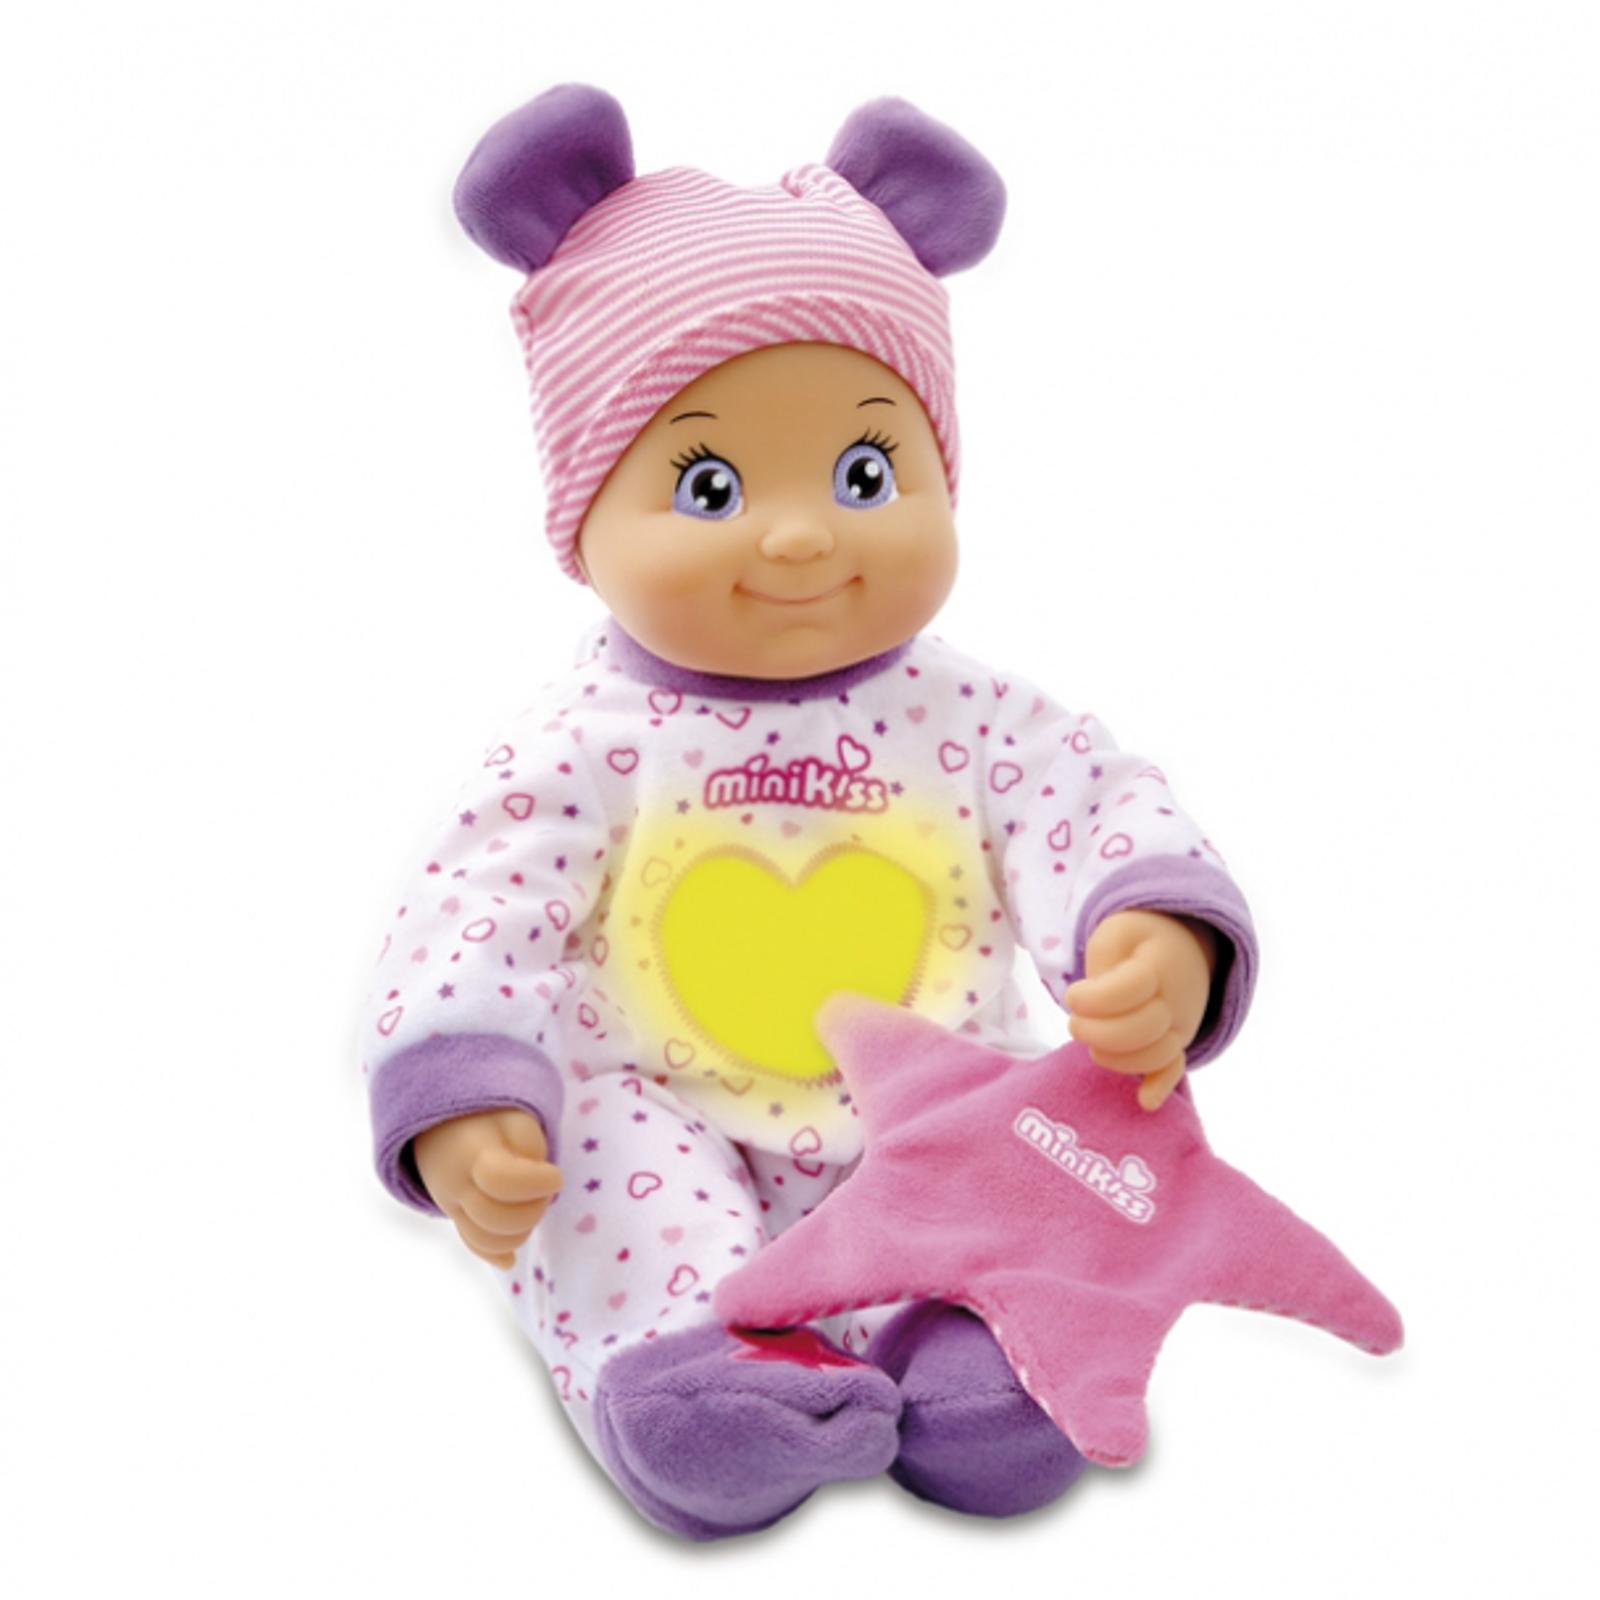 Кукла Simba Minikiss Dodo со звездочкой, звук, свет<br>